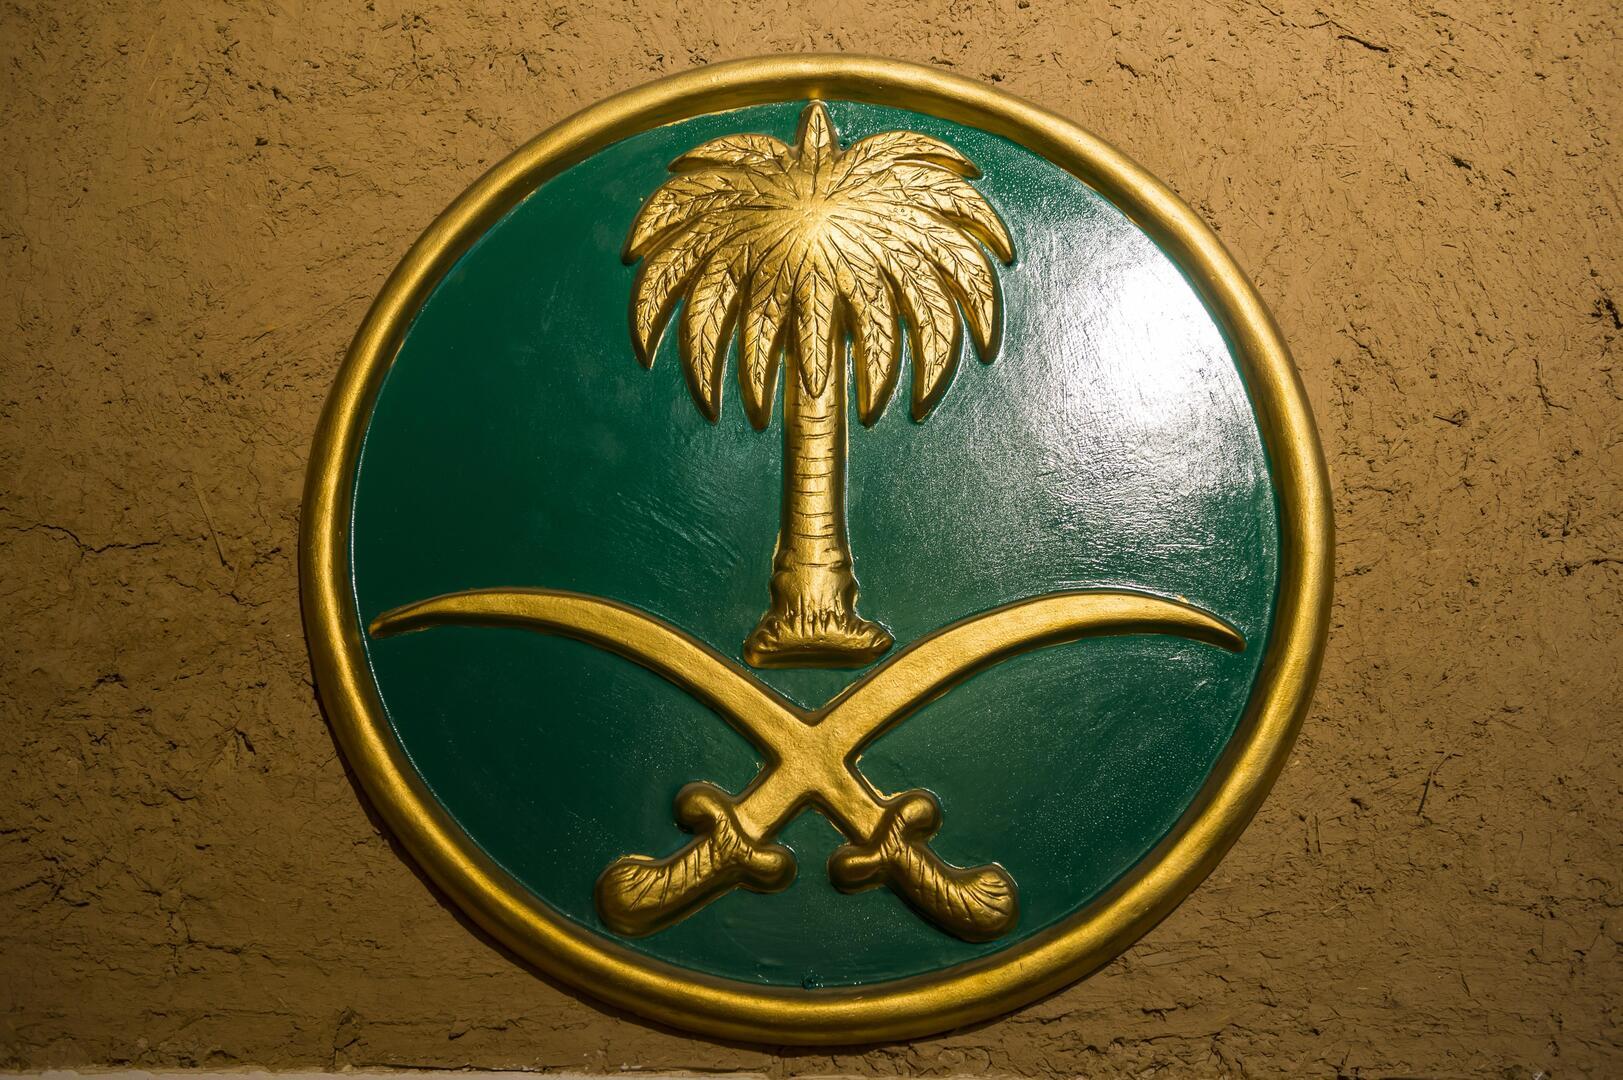 السعودية تعدم 3 من عسكرييها بتهمة الخيانة العظمى